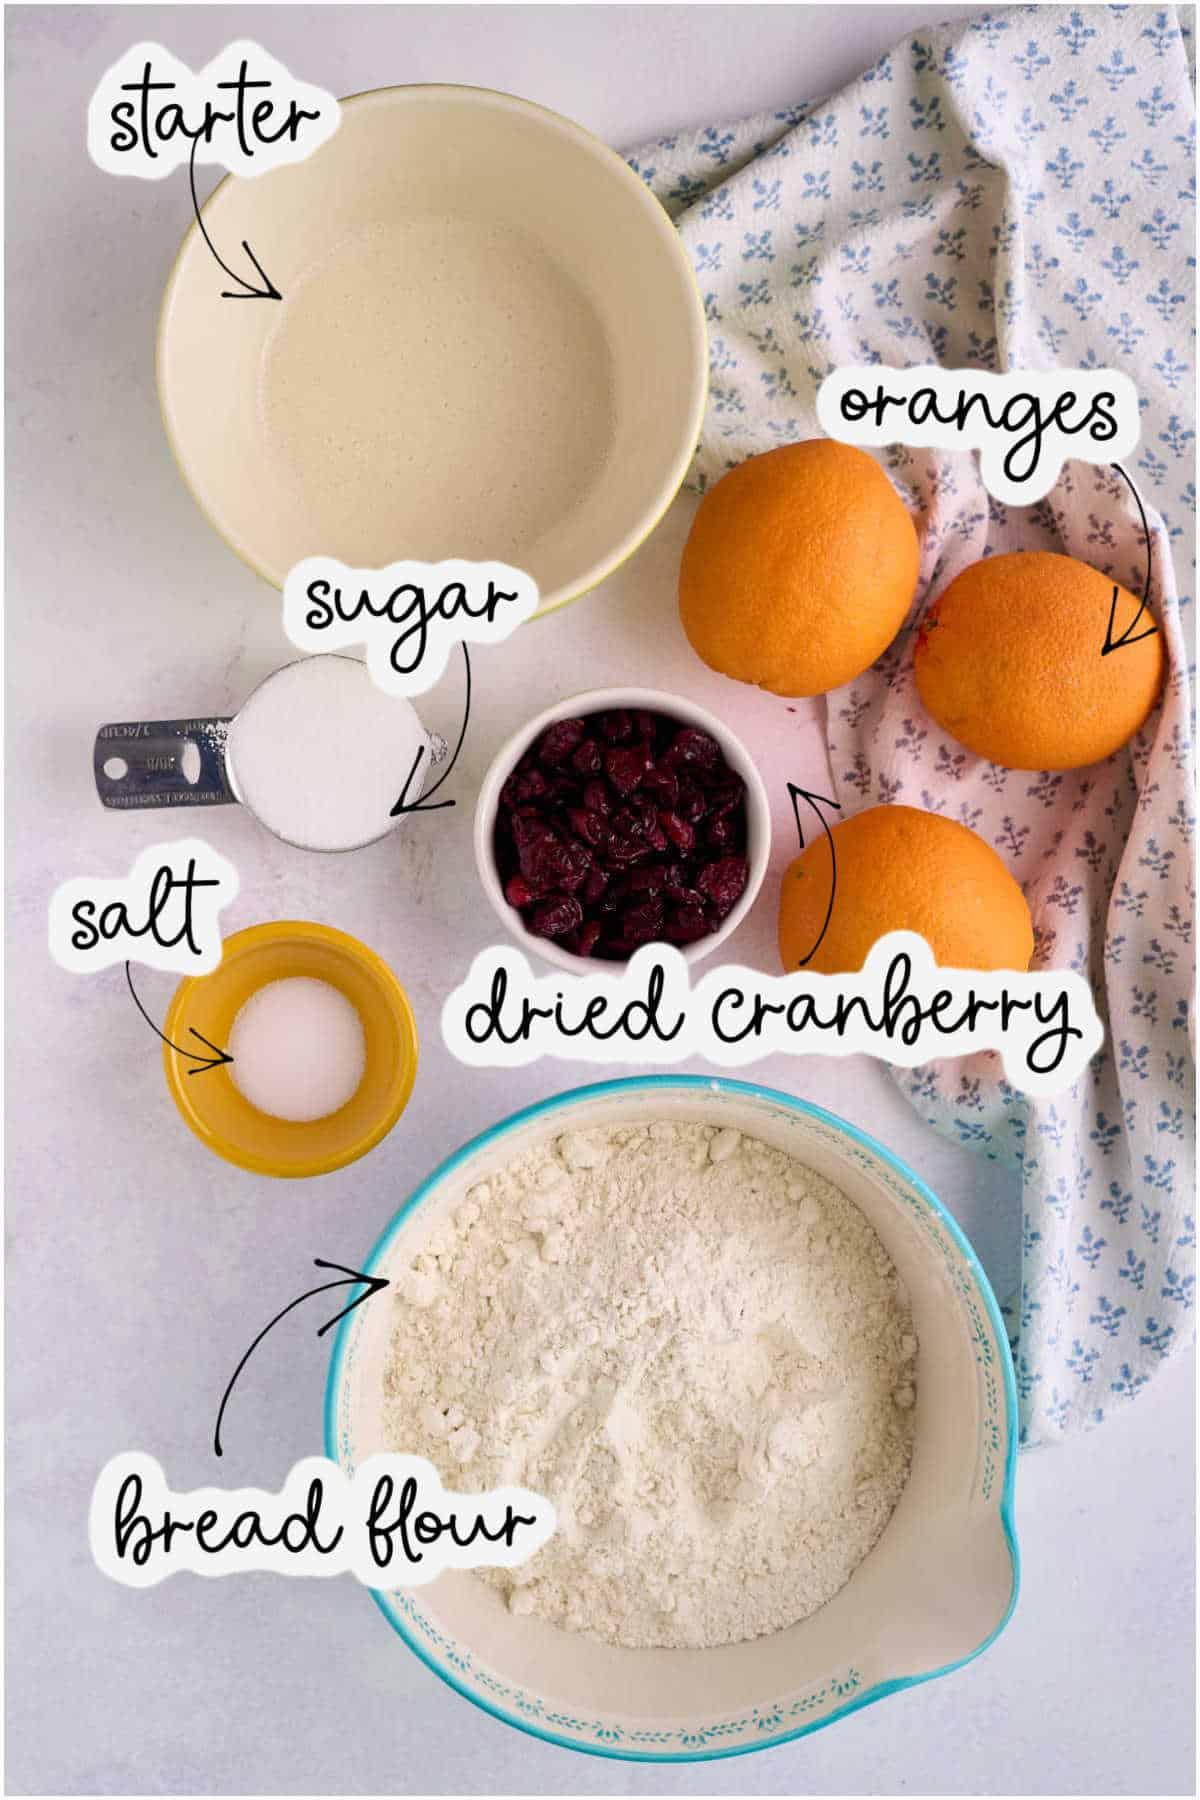 bread flour, sourdough starter, oranges, cranberries